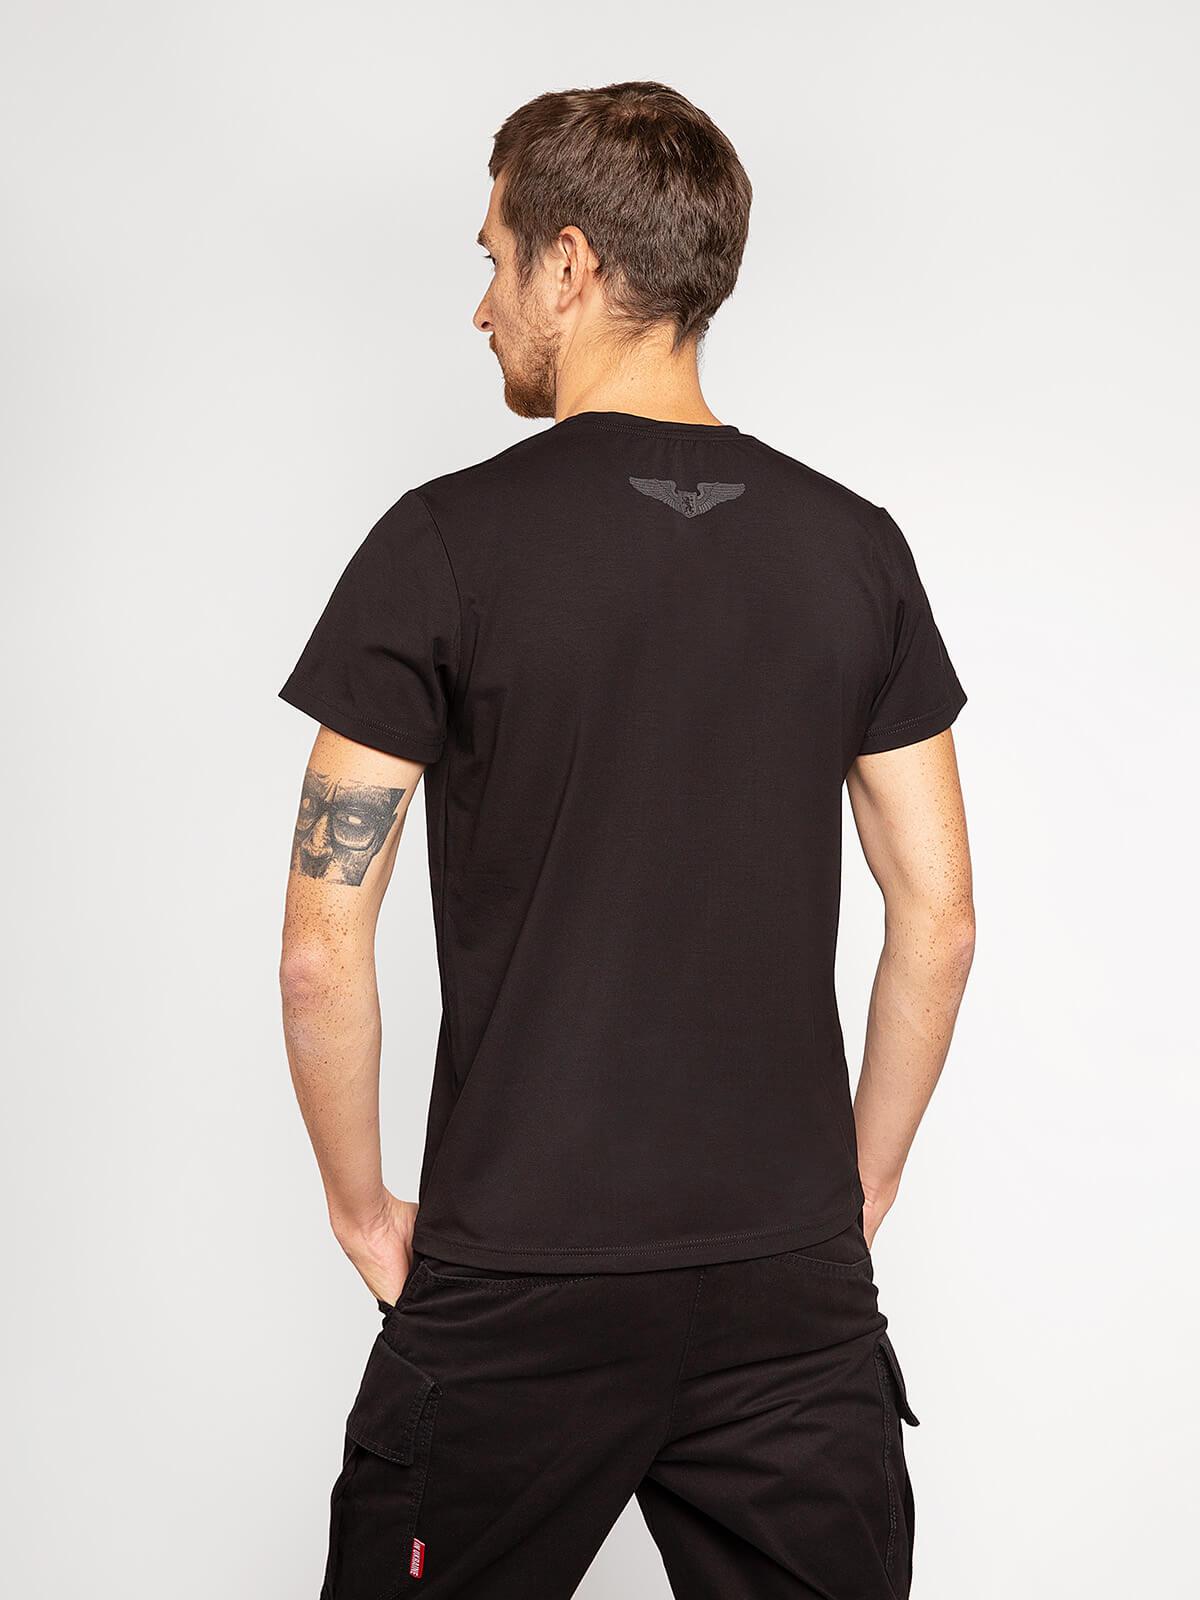 Чоловіча Футболка Лев (Рондель). Колір чорний.  Матеріал: 95% бавовна, 5% спандекс.